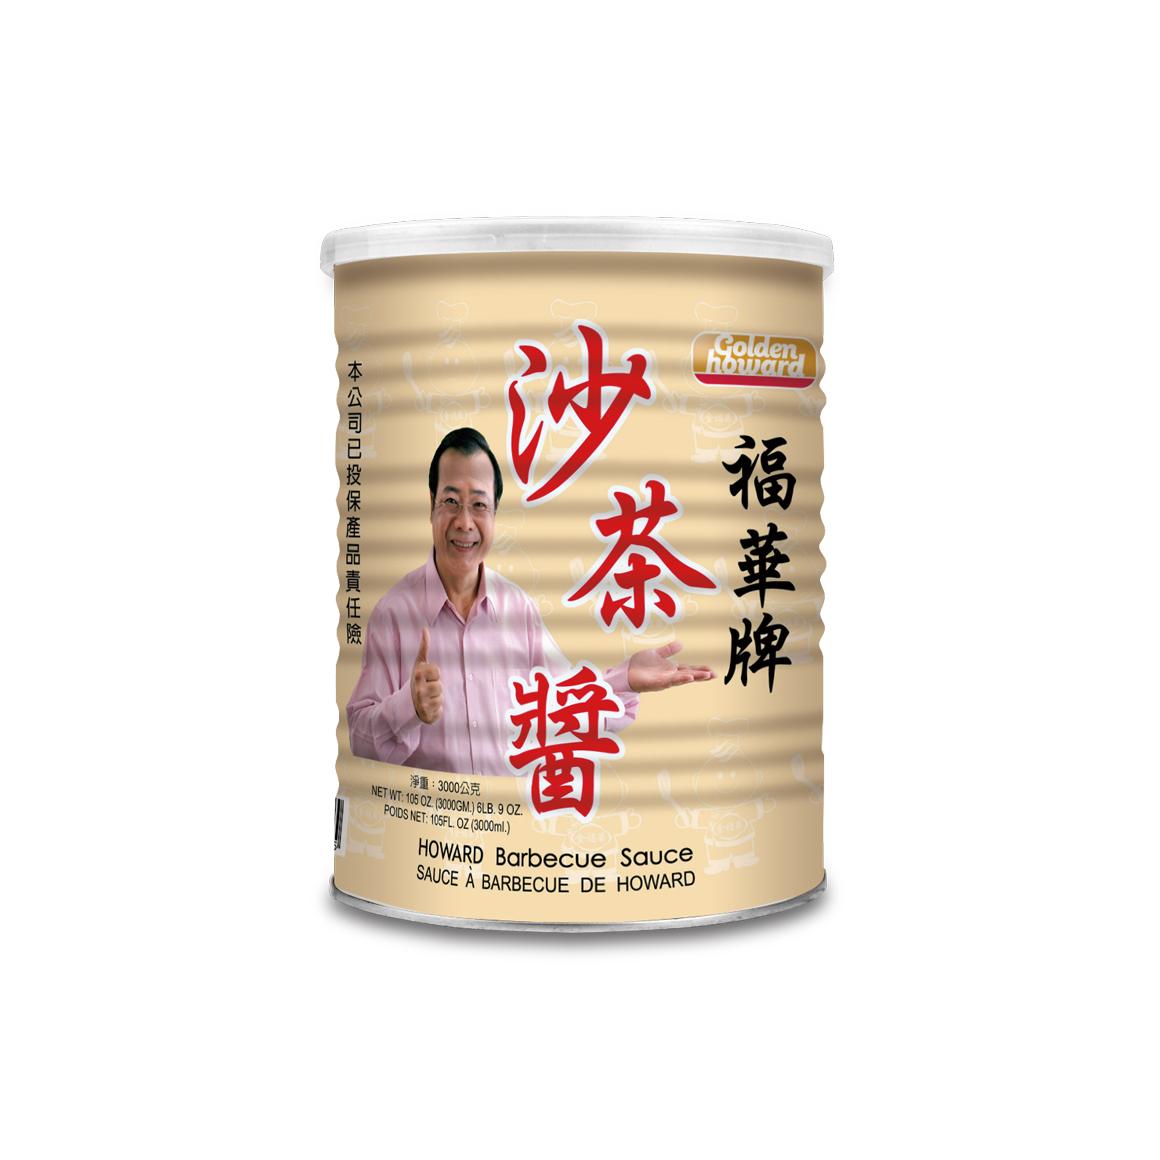 20200526-B103福華牌沙茶醬-3公斤-罐裝易開+廖俊-官網1160x1160